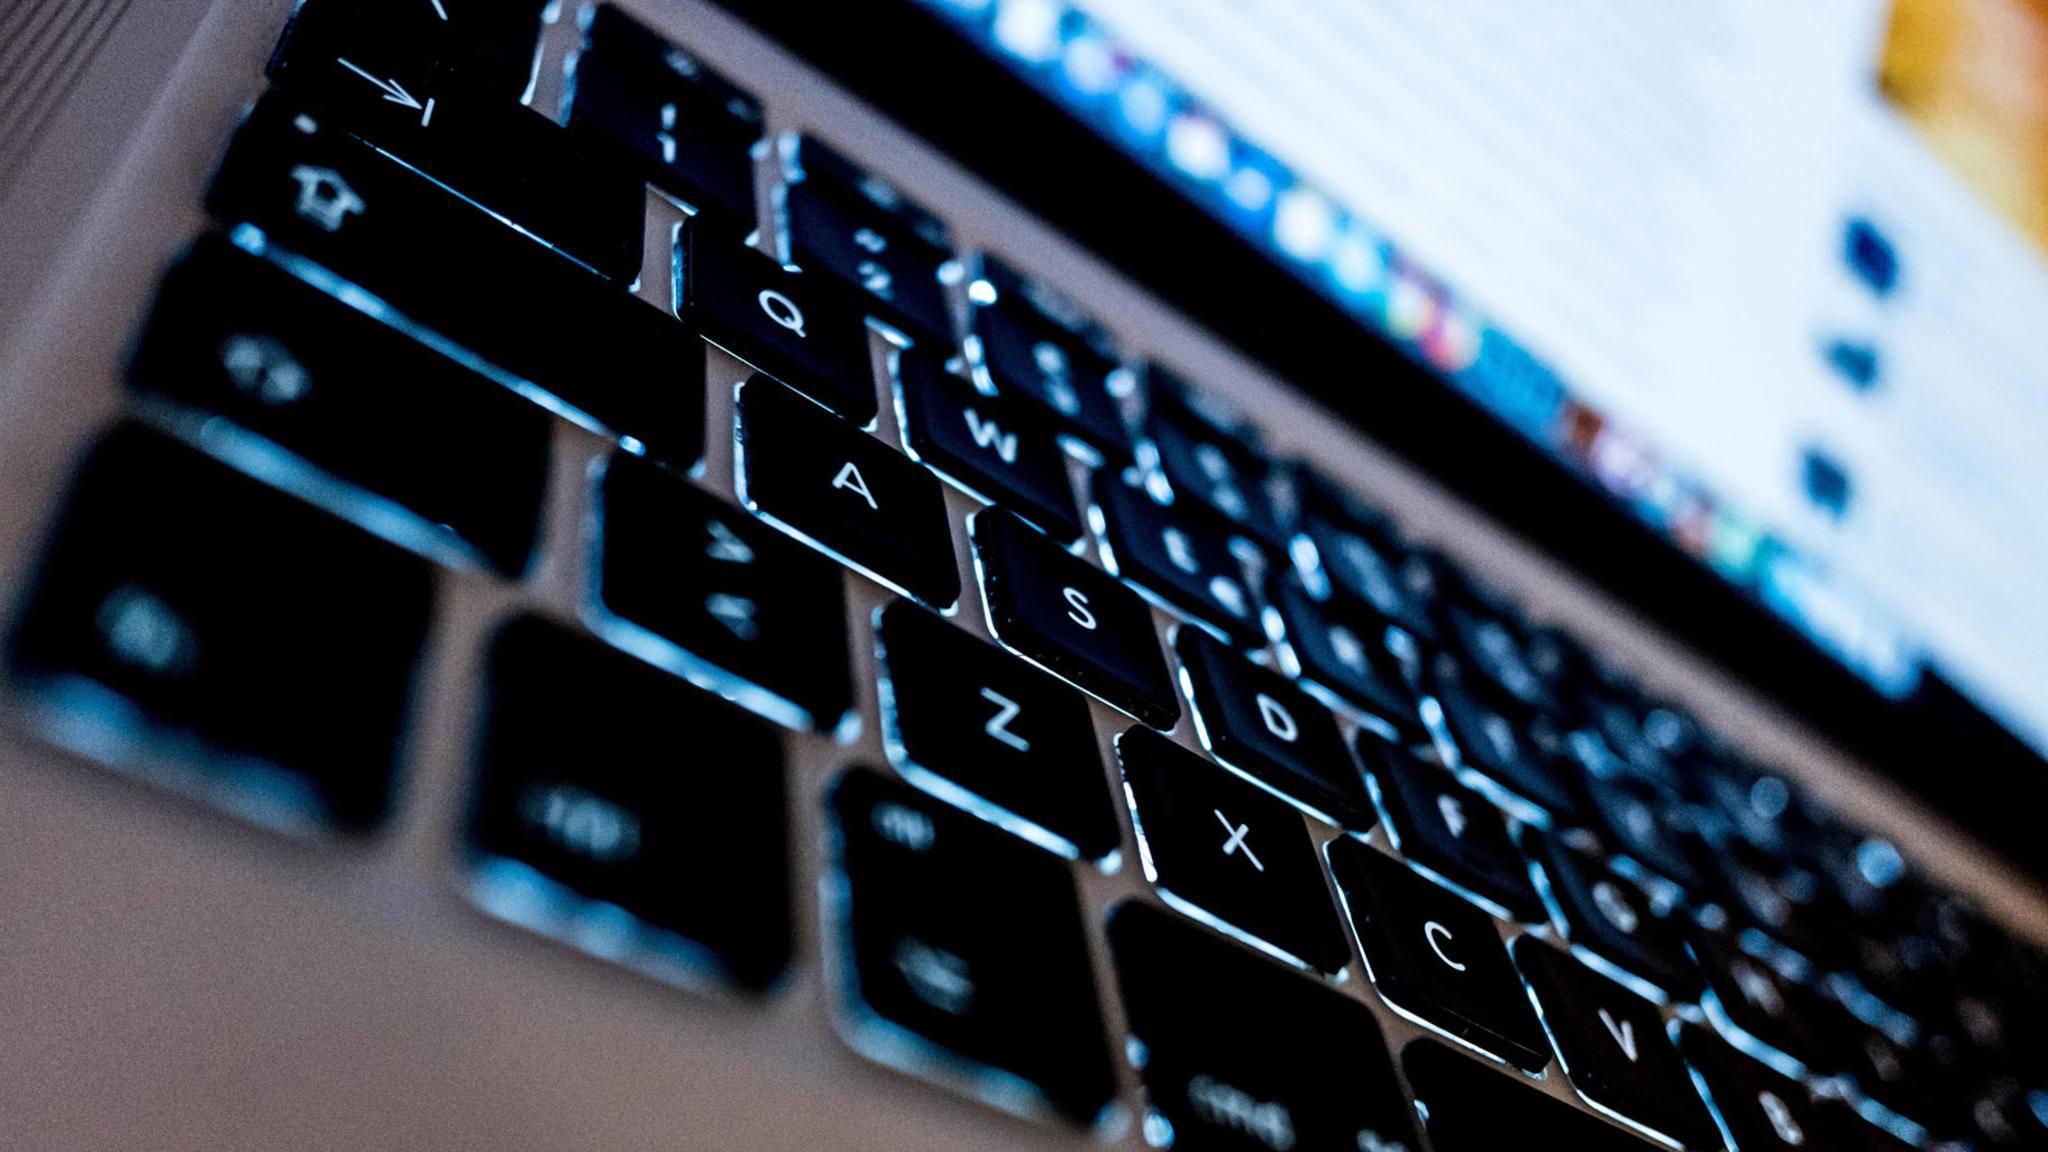 Auch Macs und iPhones sind von den beiden kritischen Schwachstellen betroffen.